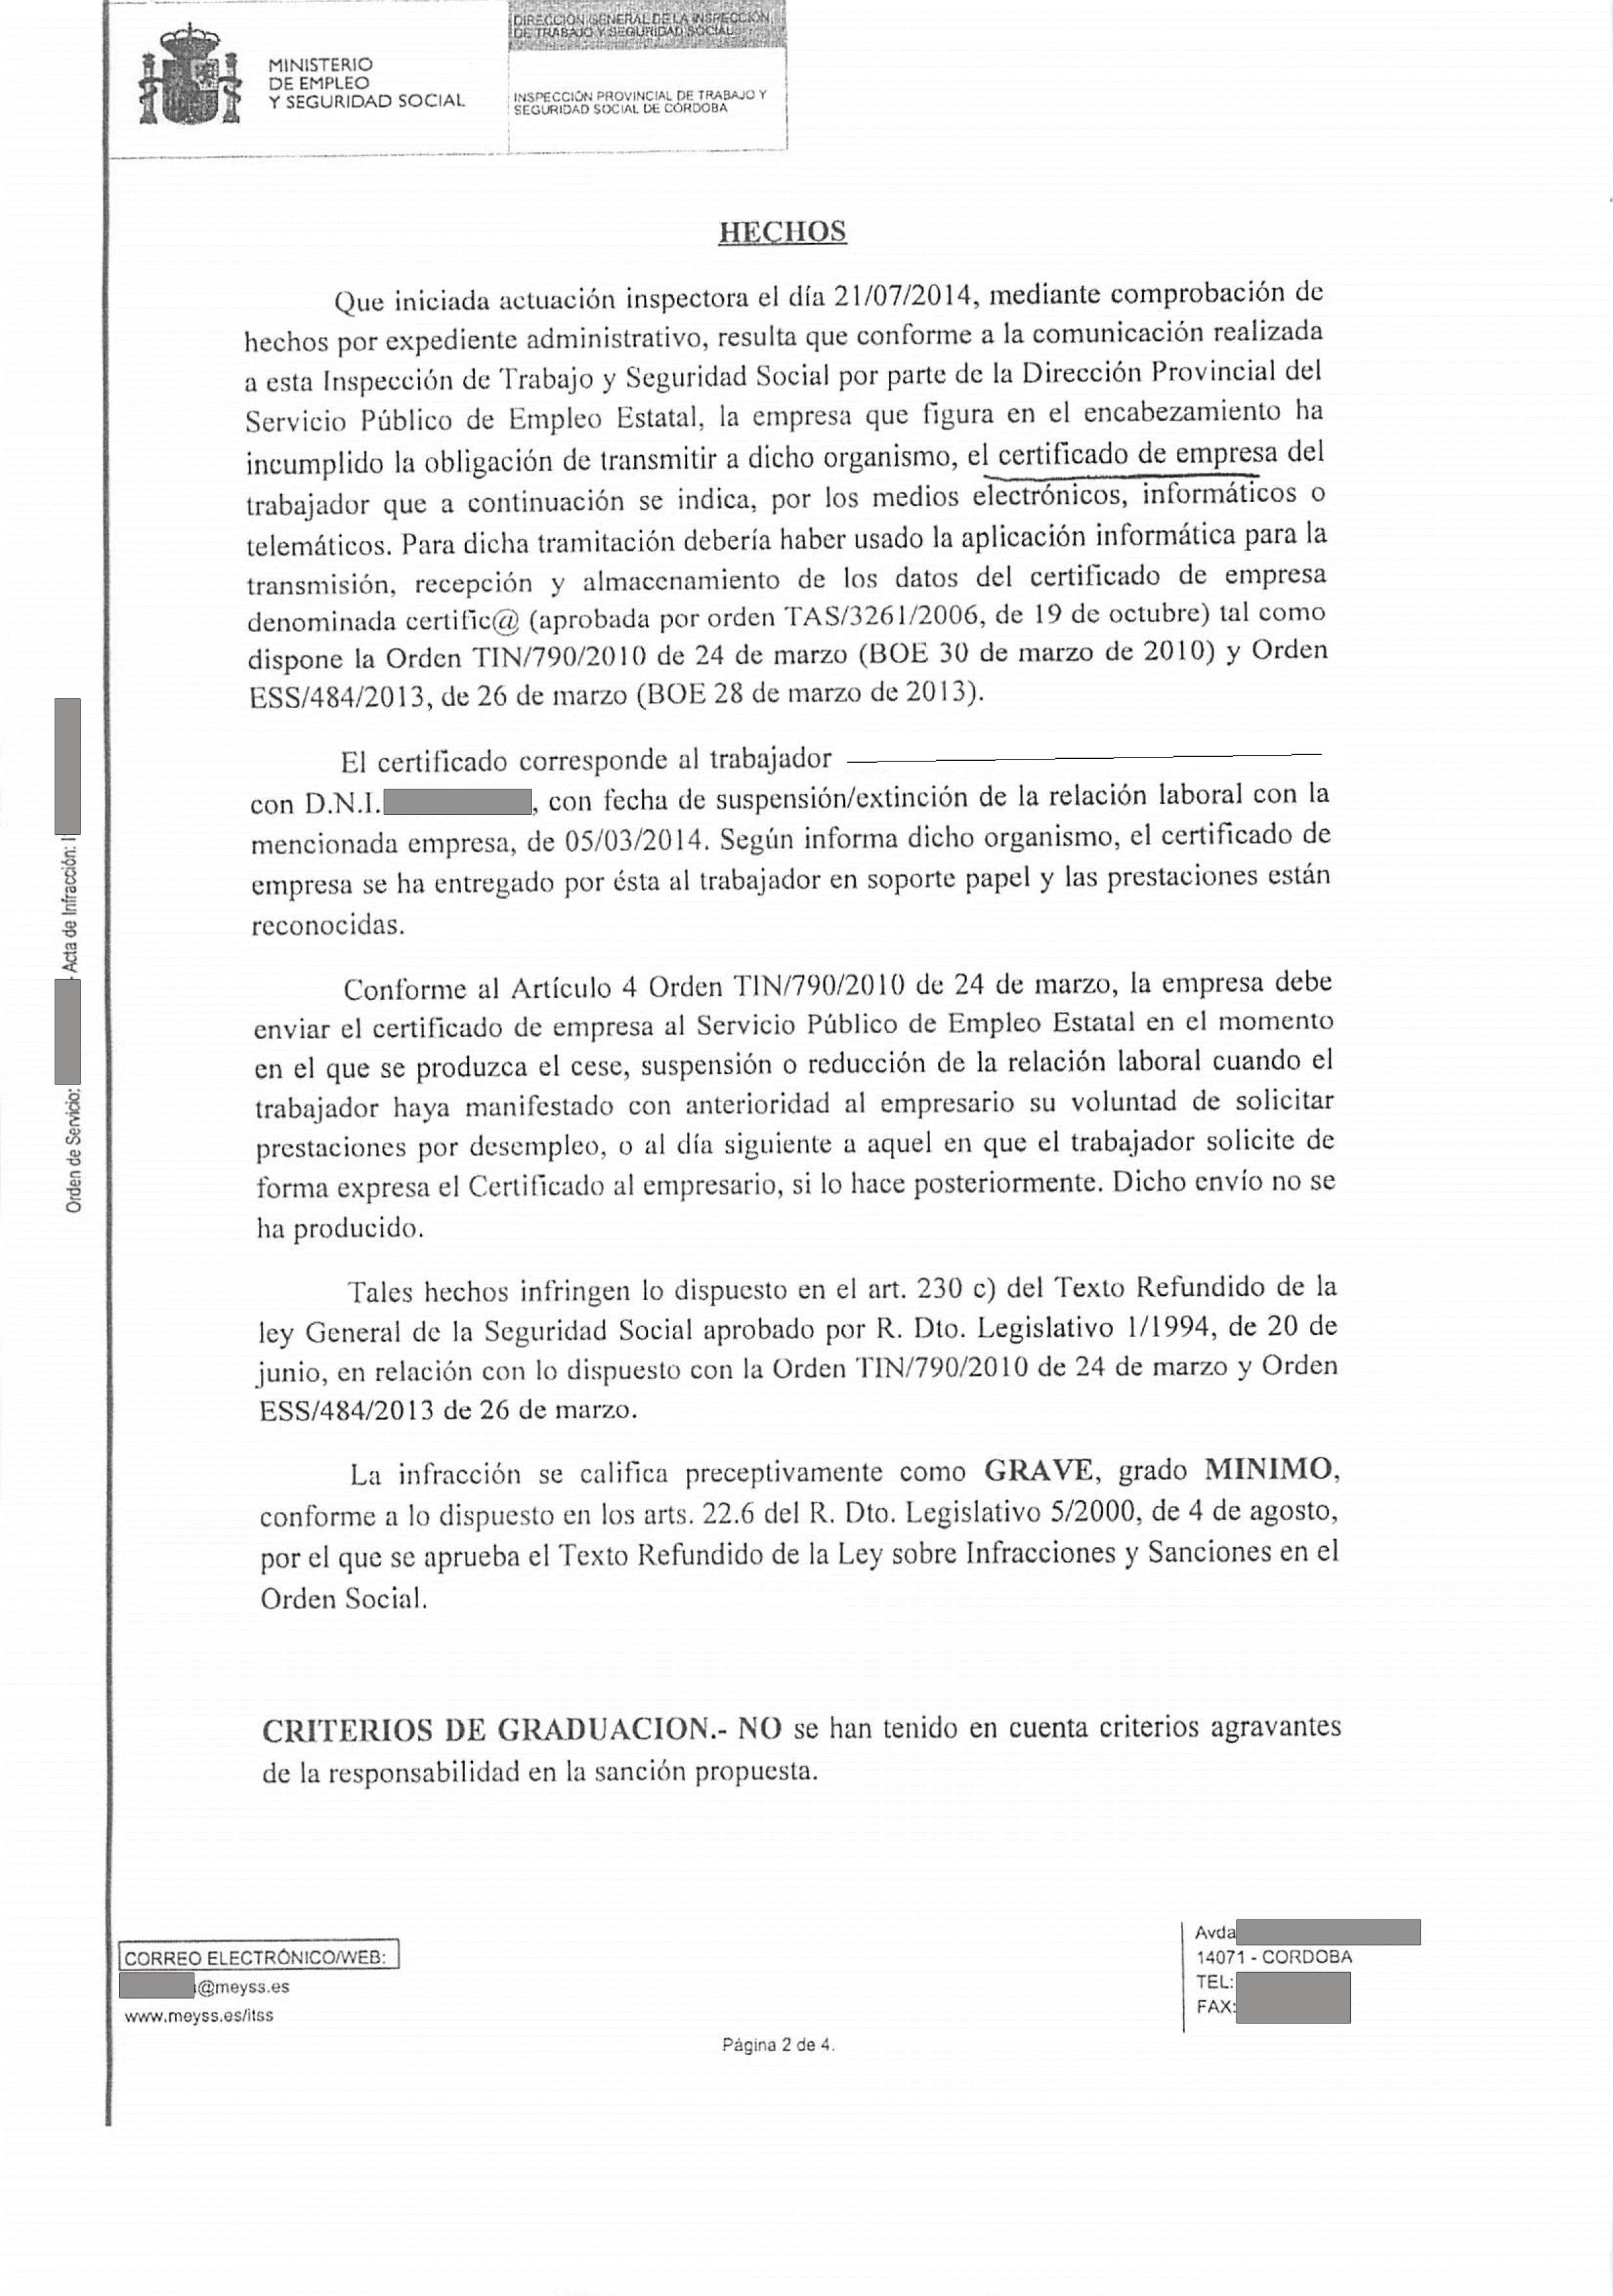 Sanciones A Las Pymes Por No Enviar El Certificado De Empresa